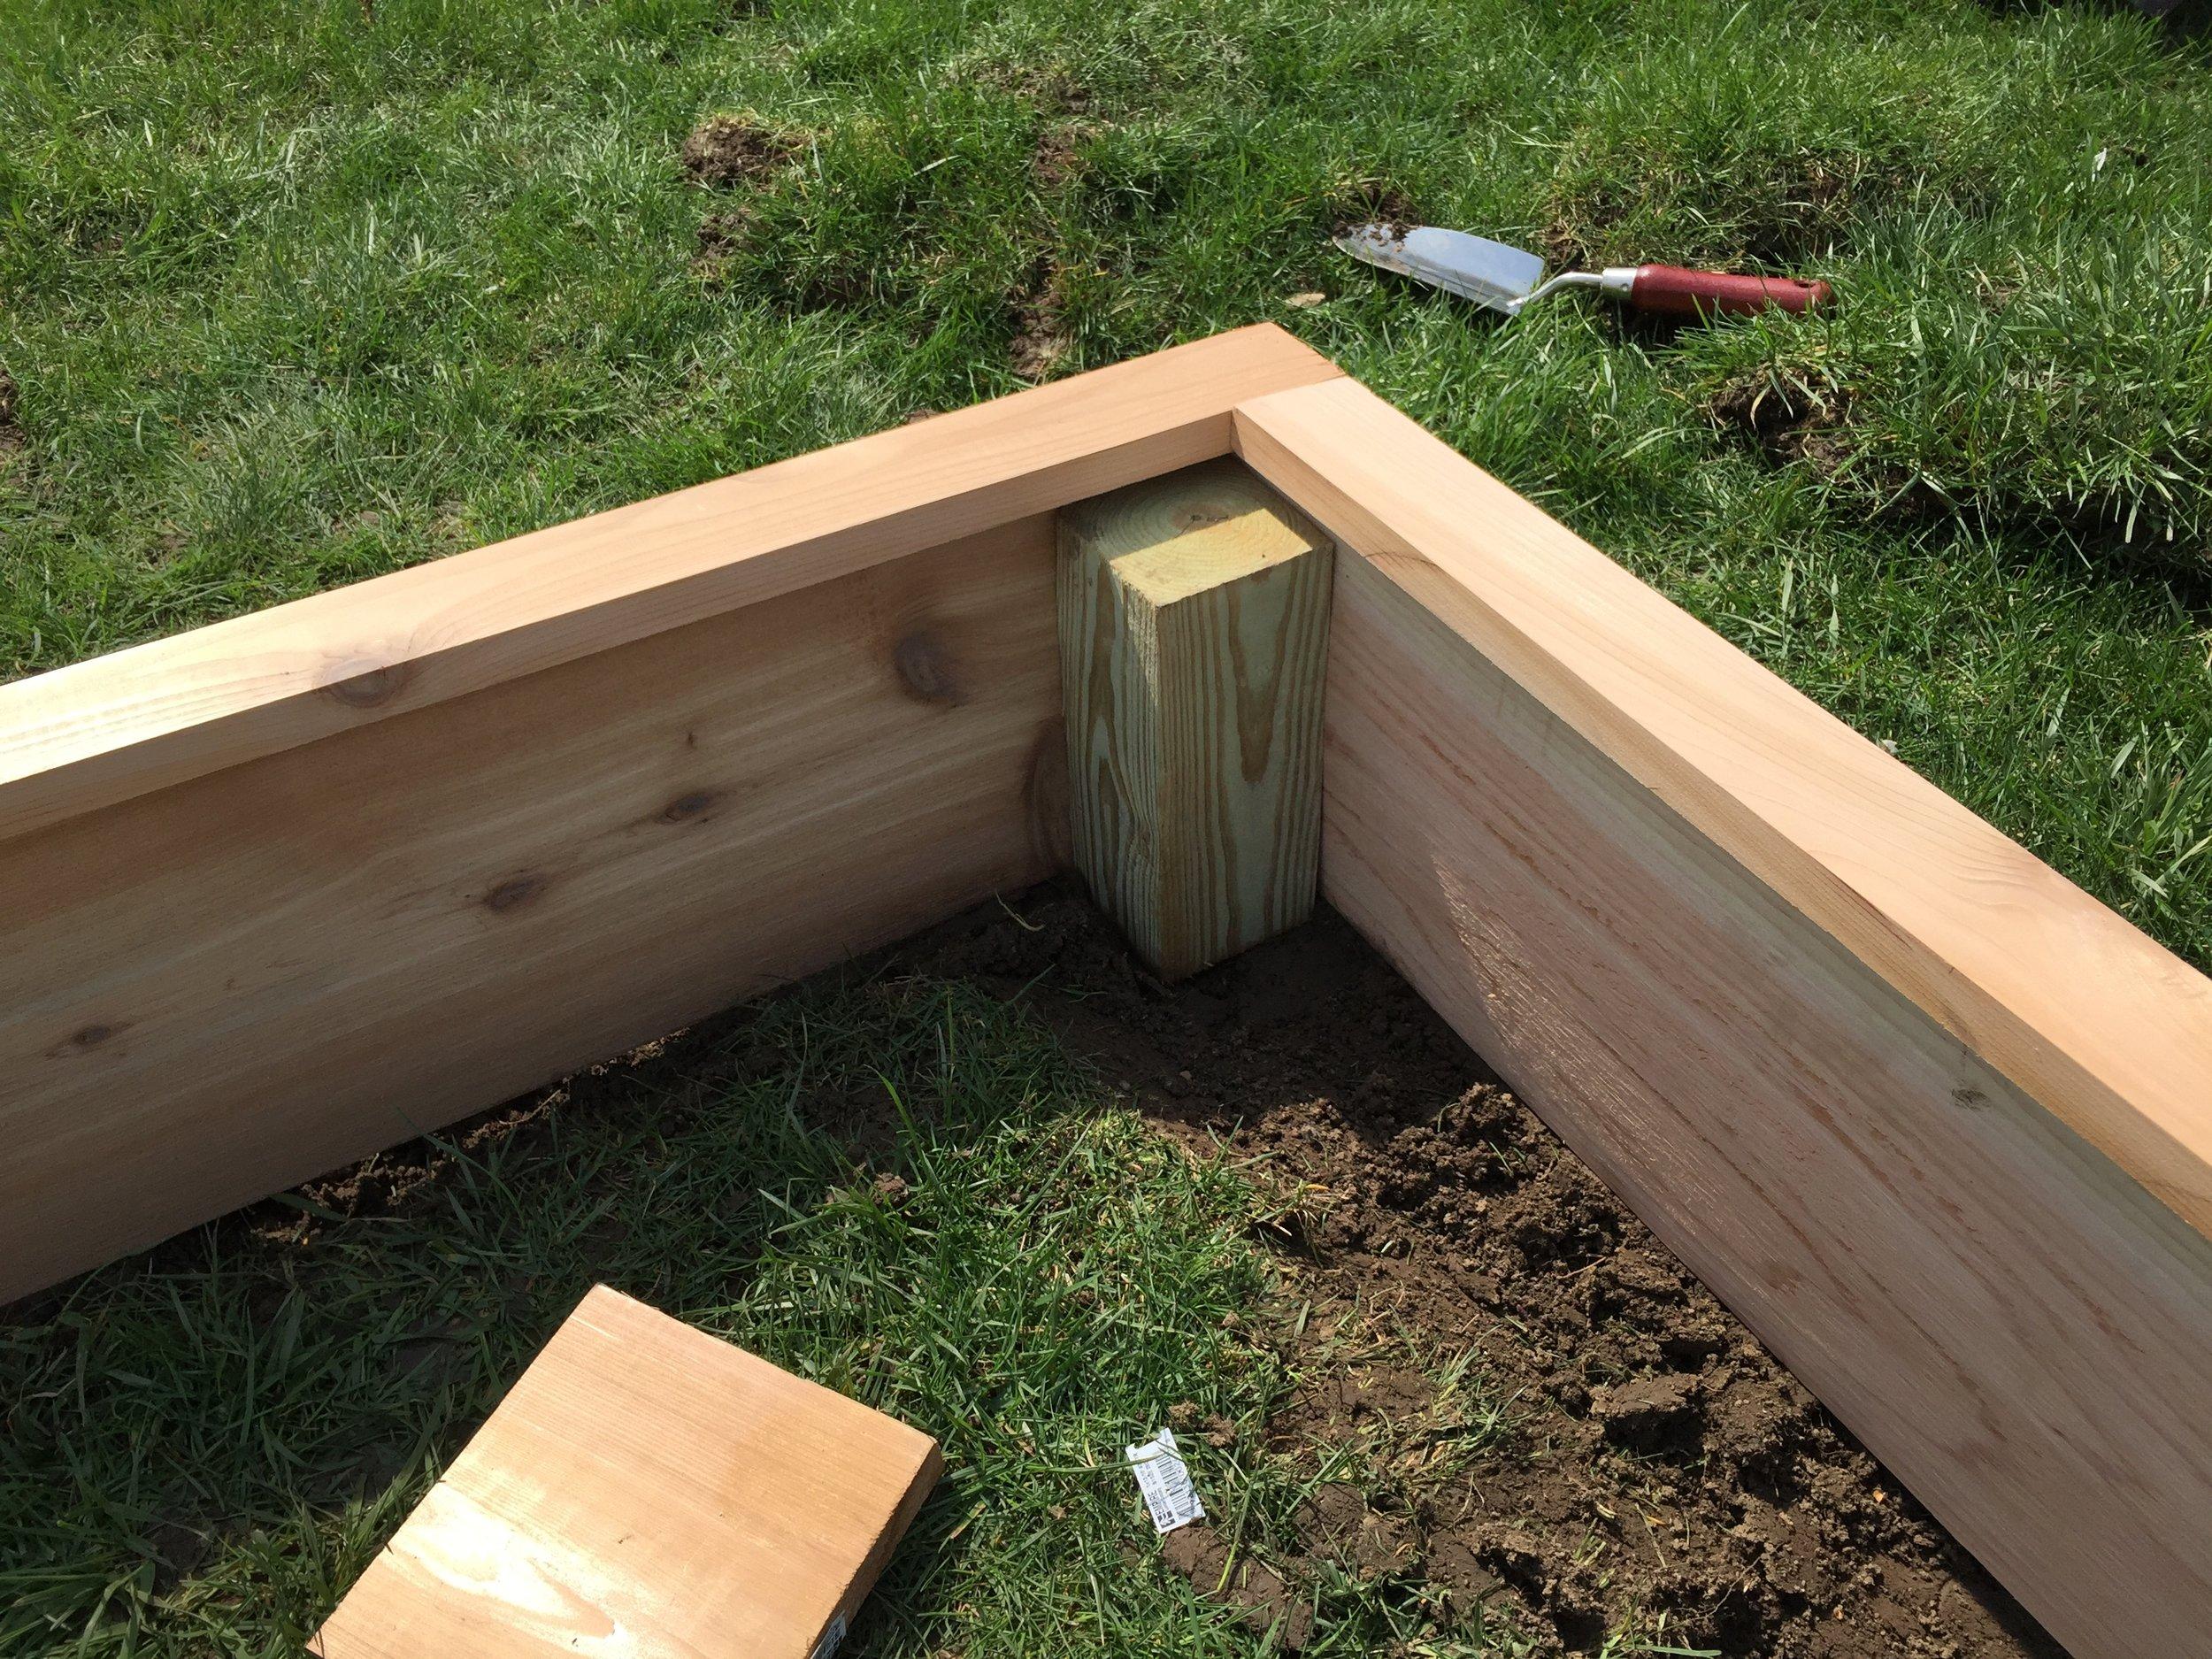 Adding the Cedar Edge to the Garden Box